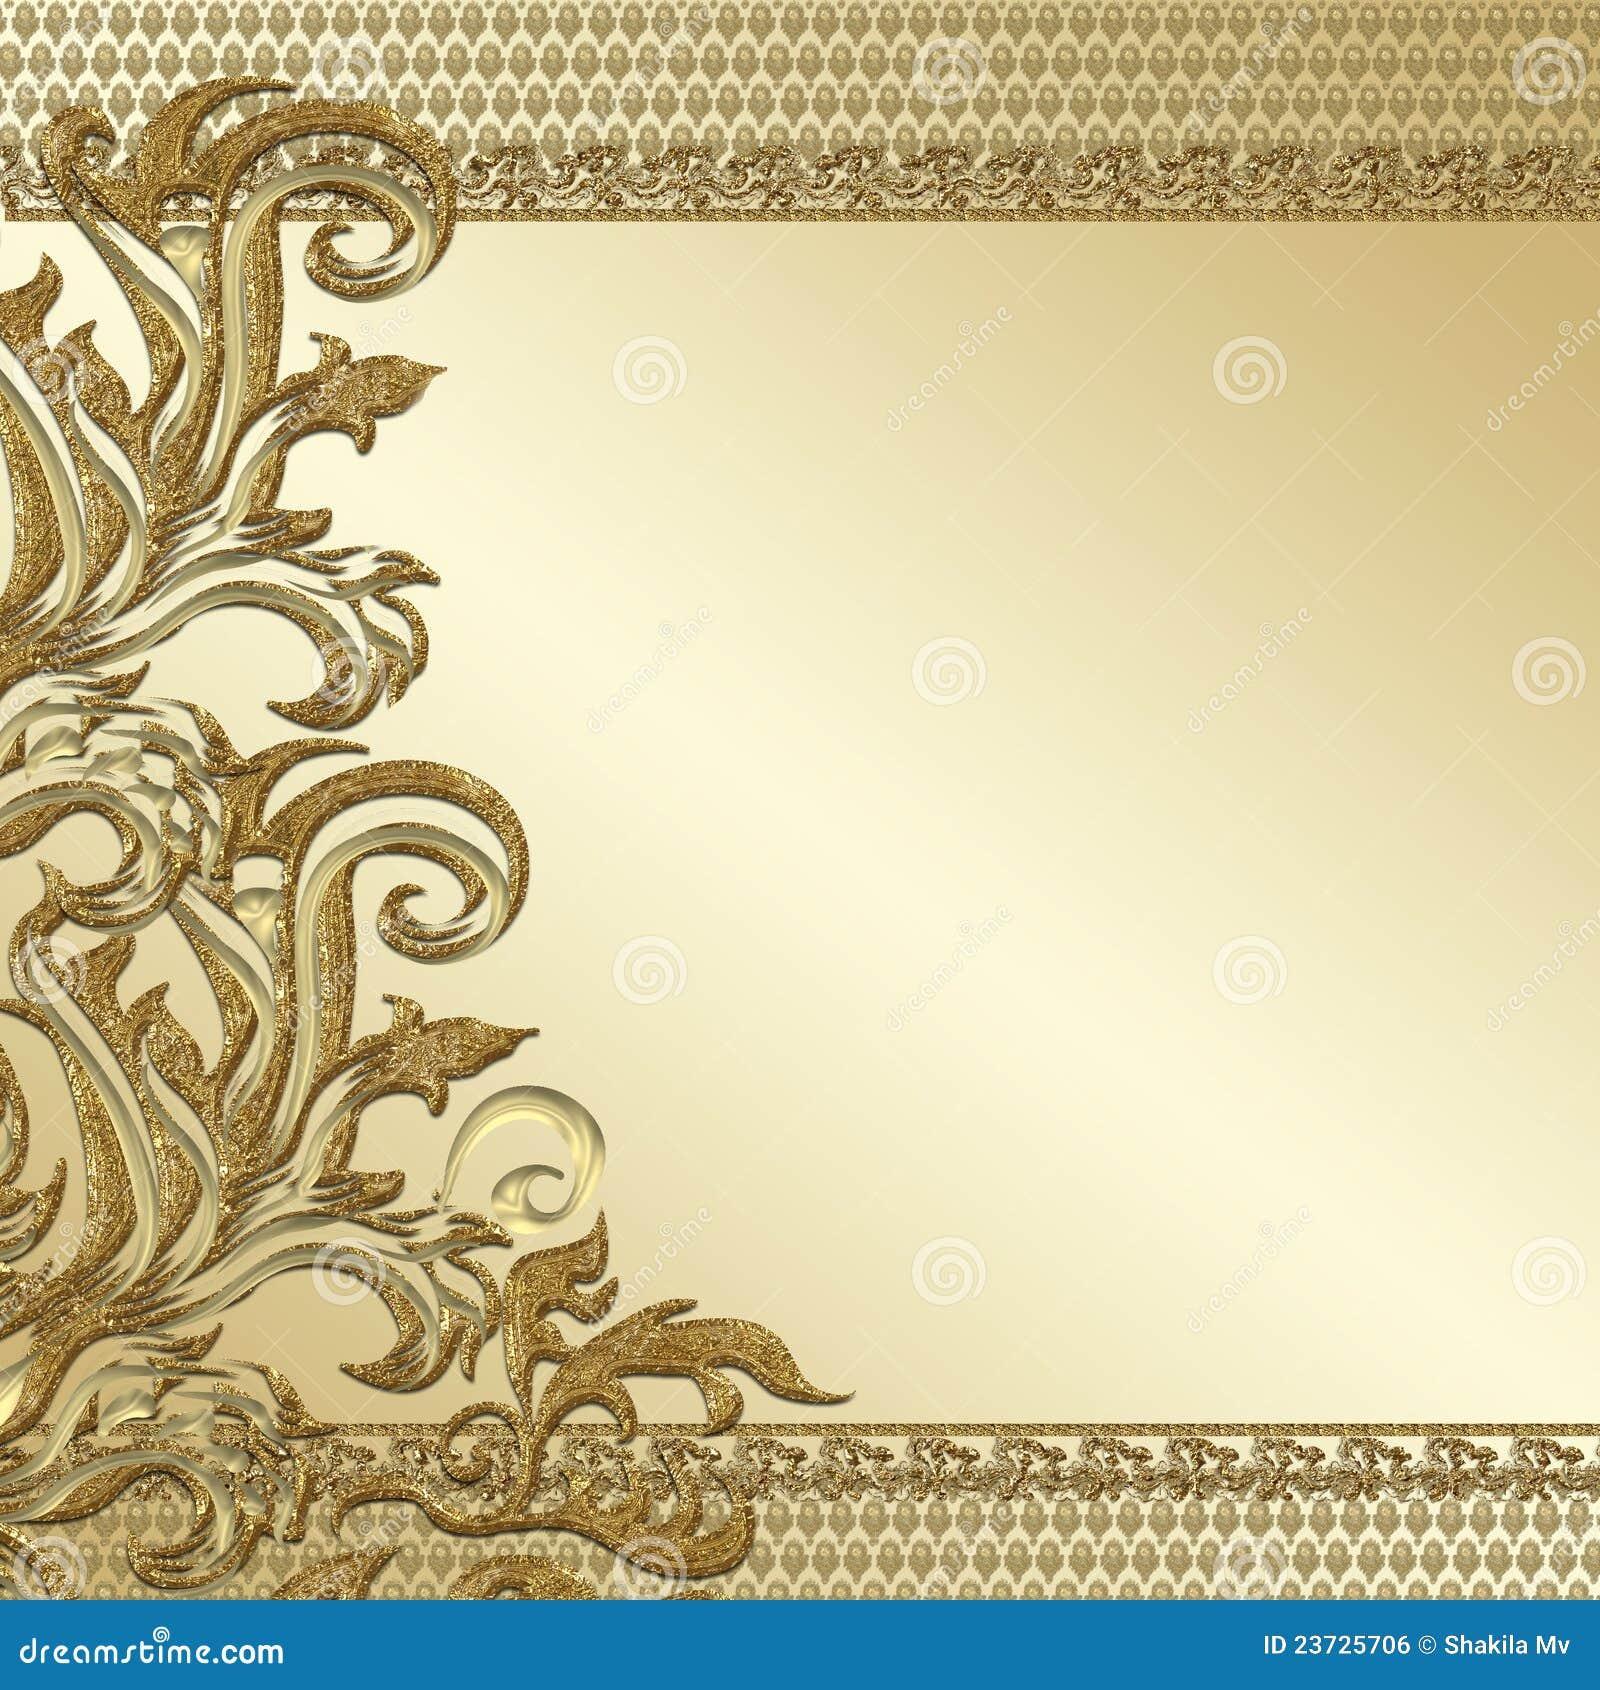 Gold decorative background stock illustration. Image of ...